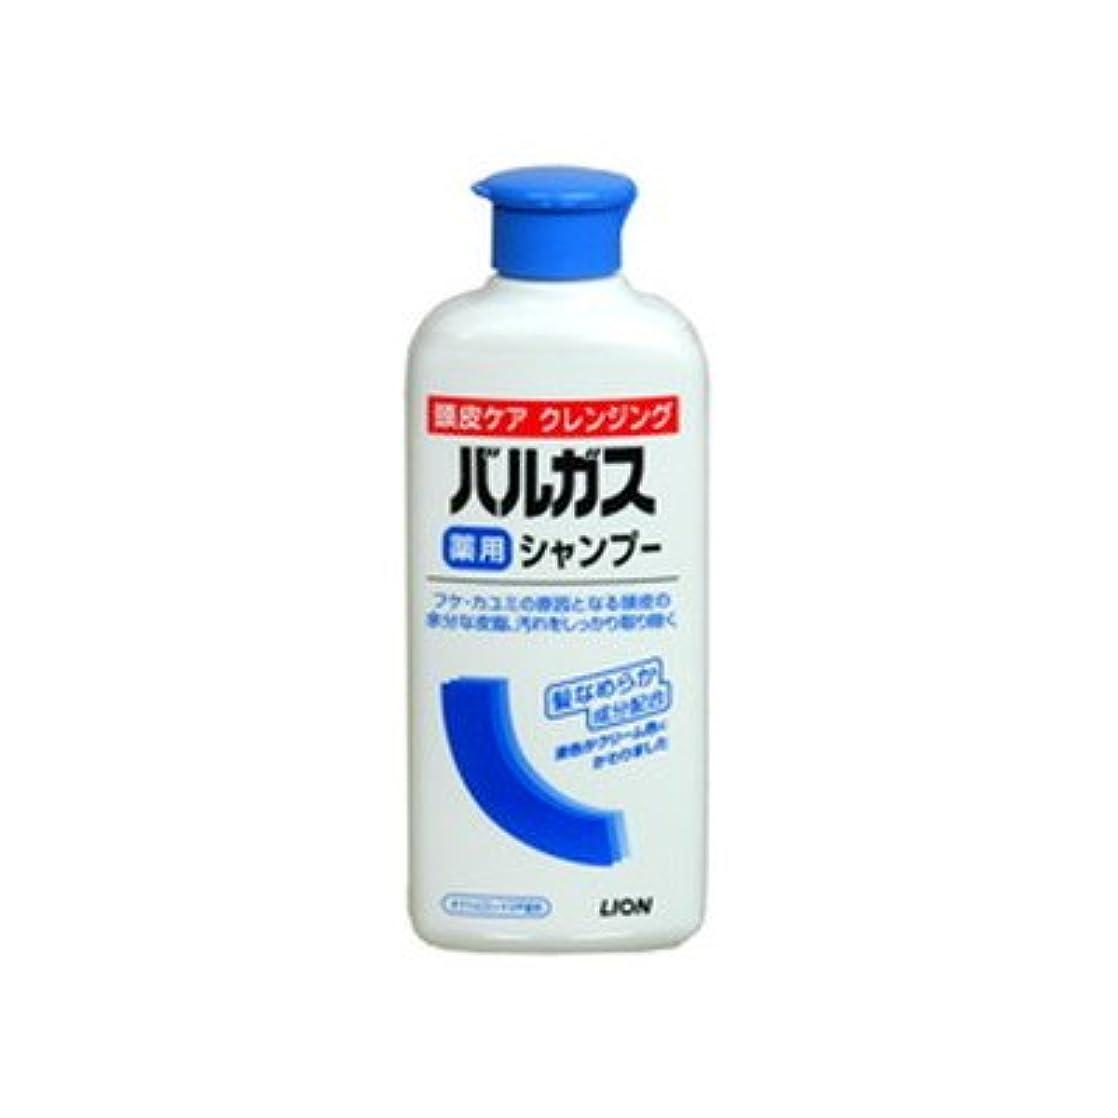 【医薬部外品】バルガス薬用シャンプー 200ML 【3個セット】